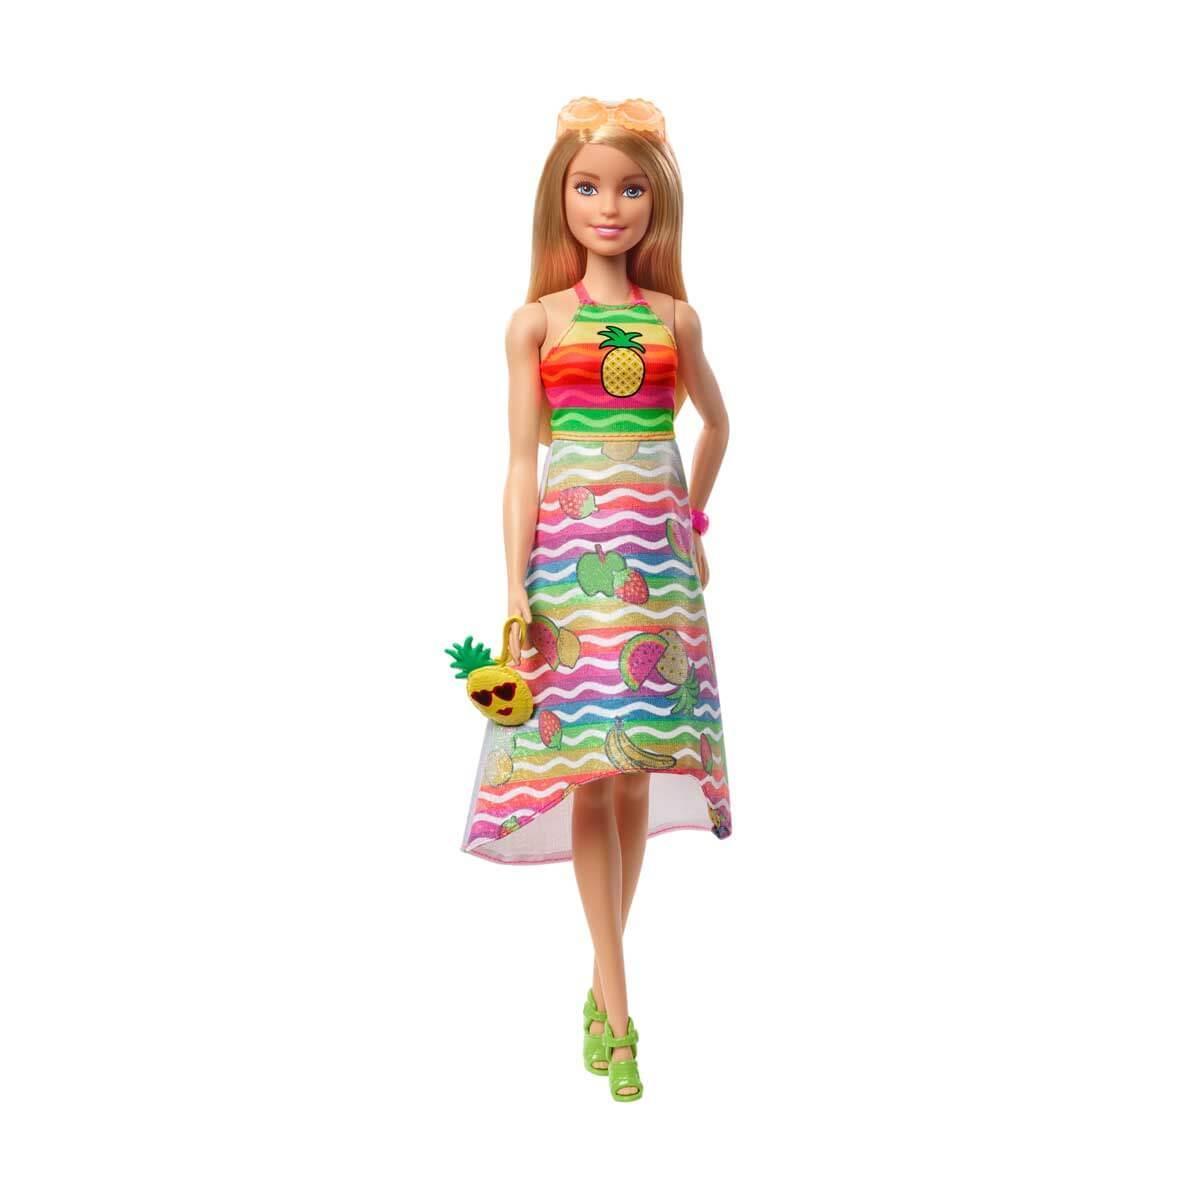 MATTEL GBK17 Barbie Crayola Mevyeli Tasarım Bebeği